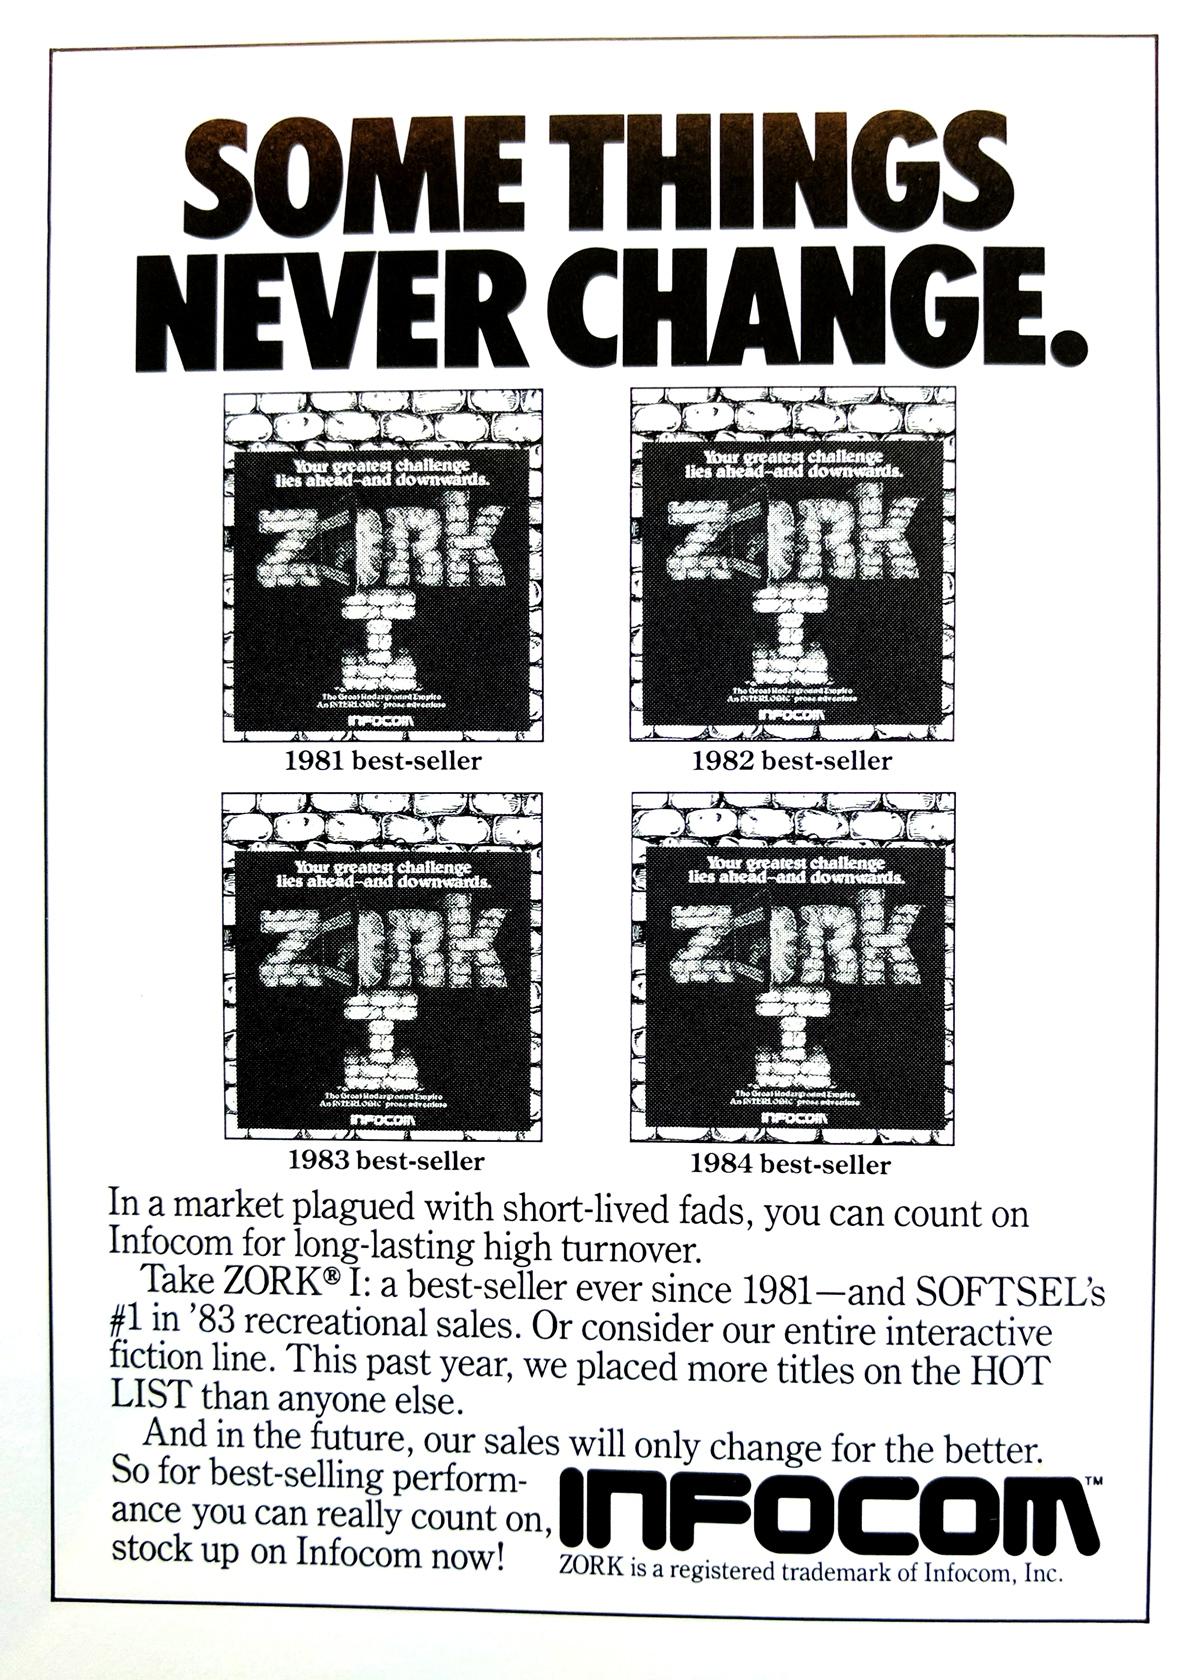 """En 1984, Zork se había vendido tan bien que Infocom publicó un anuncio en la revista que se jactaba de la popularidad del juego. El anuncio decía que Zork I había sido """"un best-seller desde 1981"""" y fue el mejor vendedor de la lista de software recreativo de Softsel en 1983."""